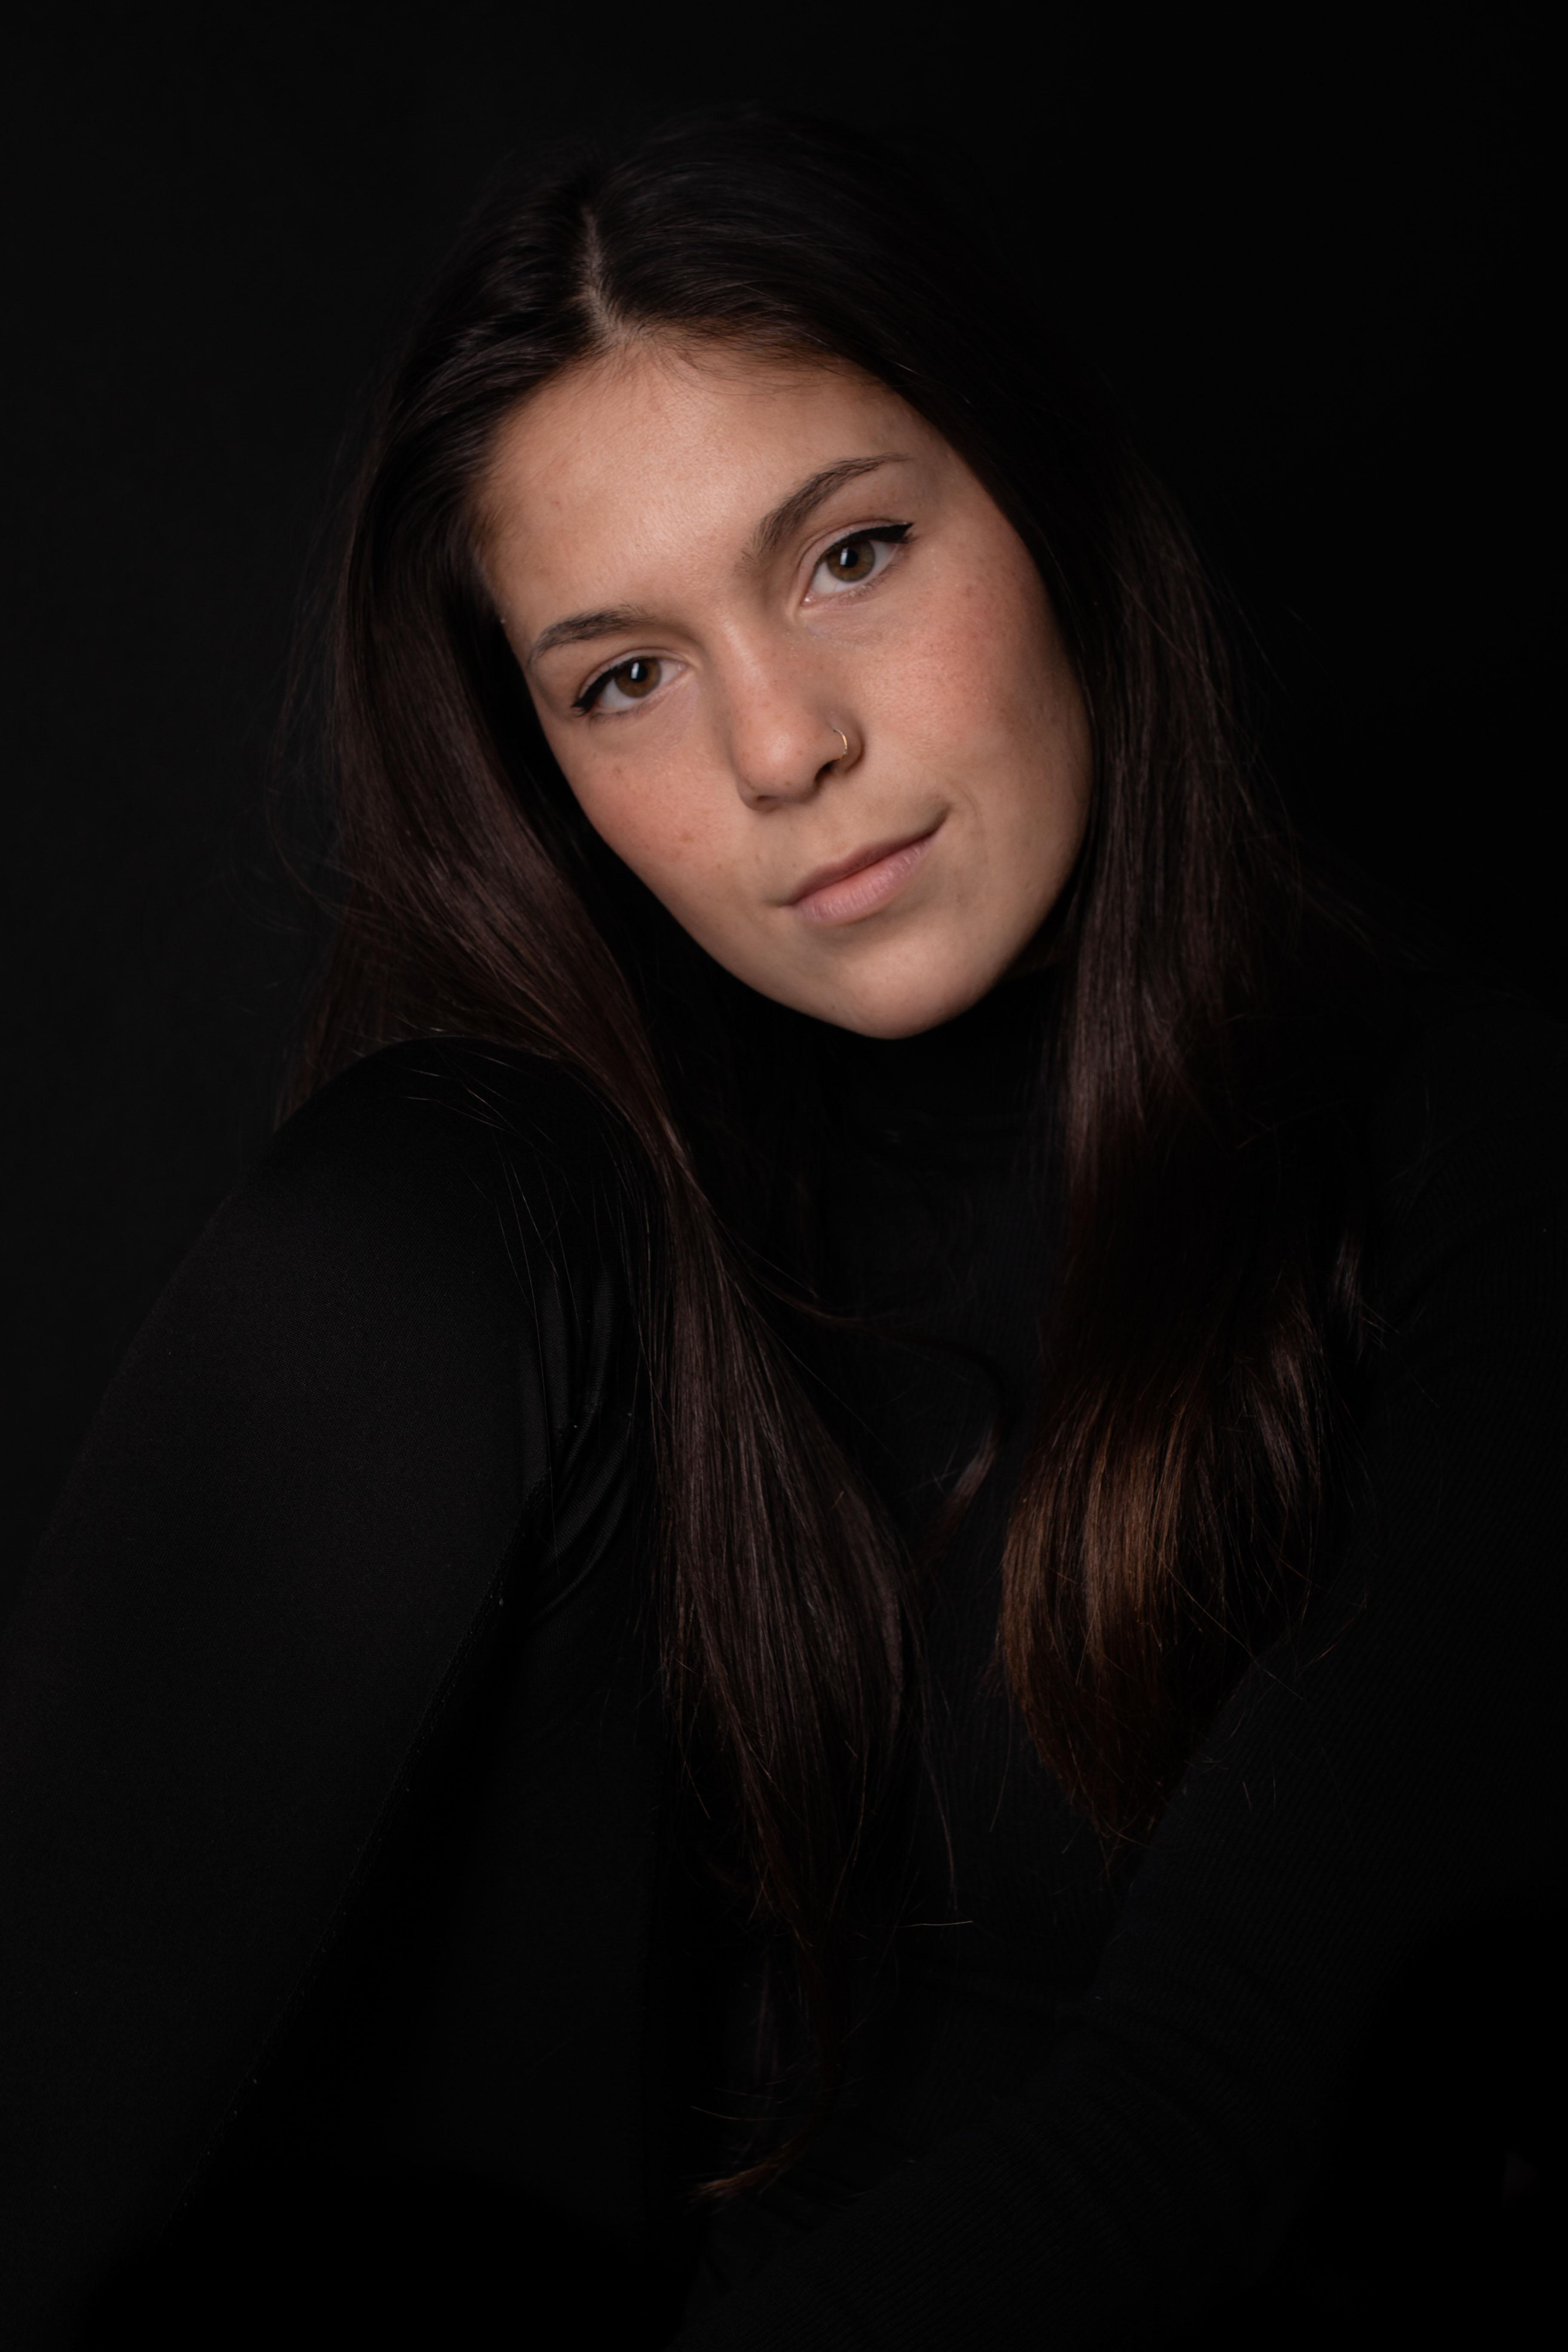 LWP | Portretfotografie | Studio Assen | Zwarte Achtergrond -81